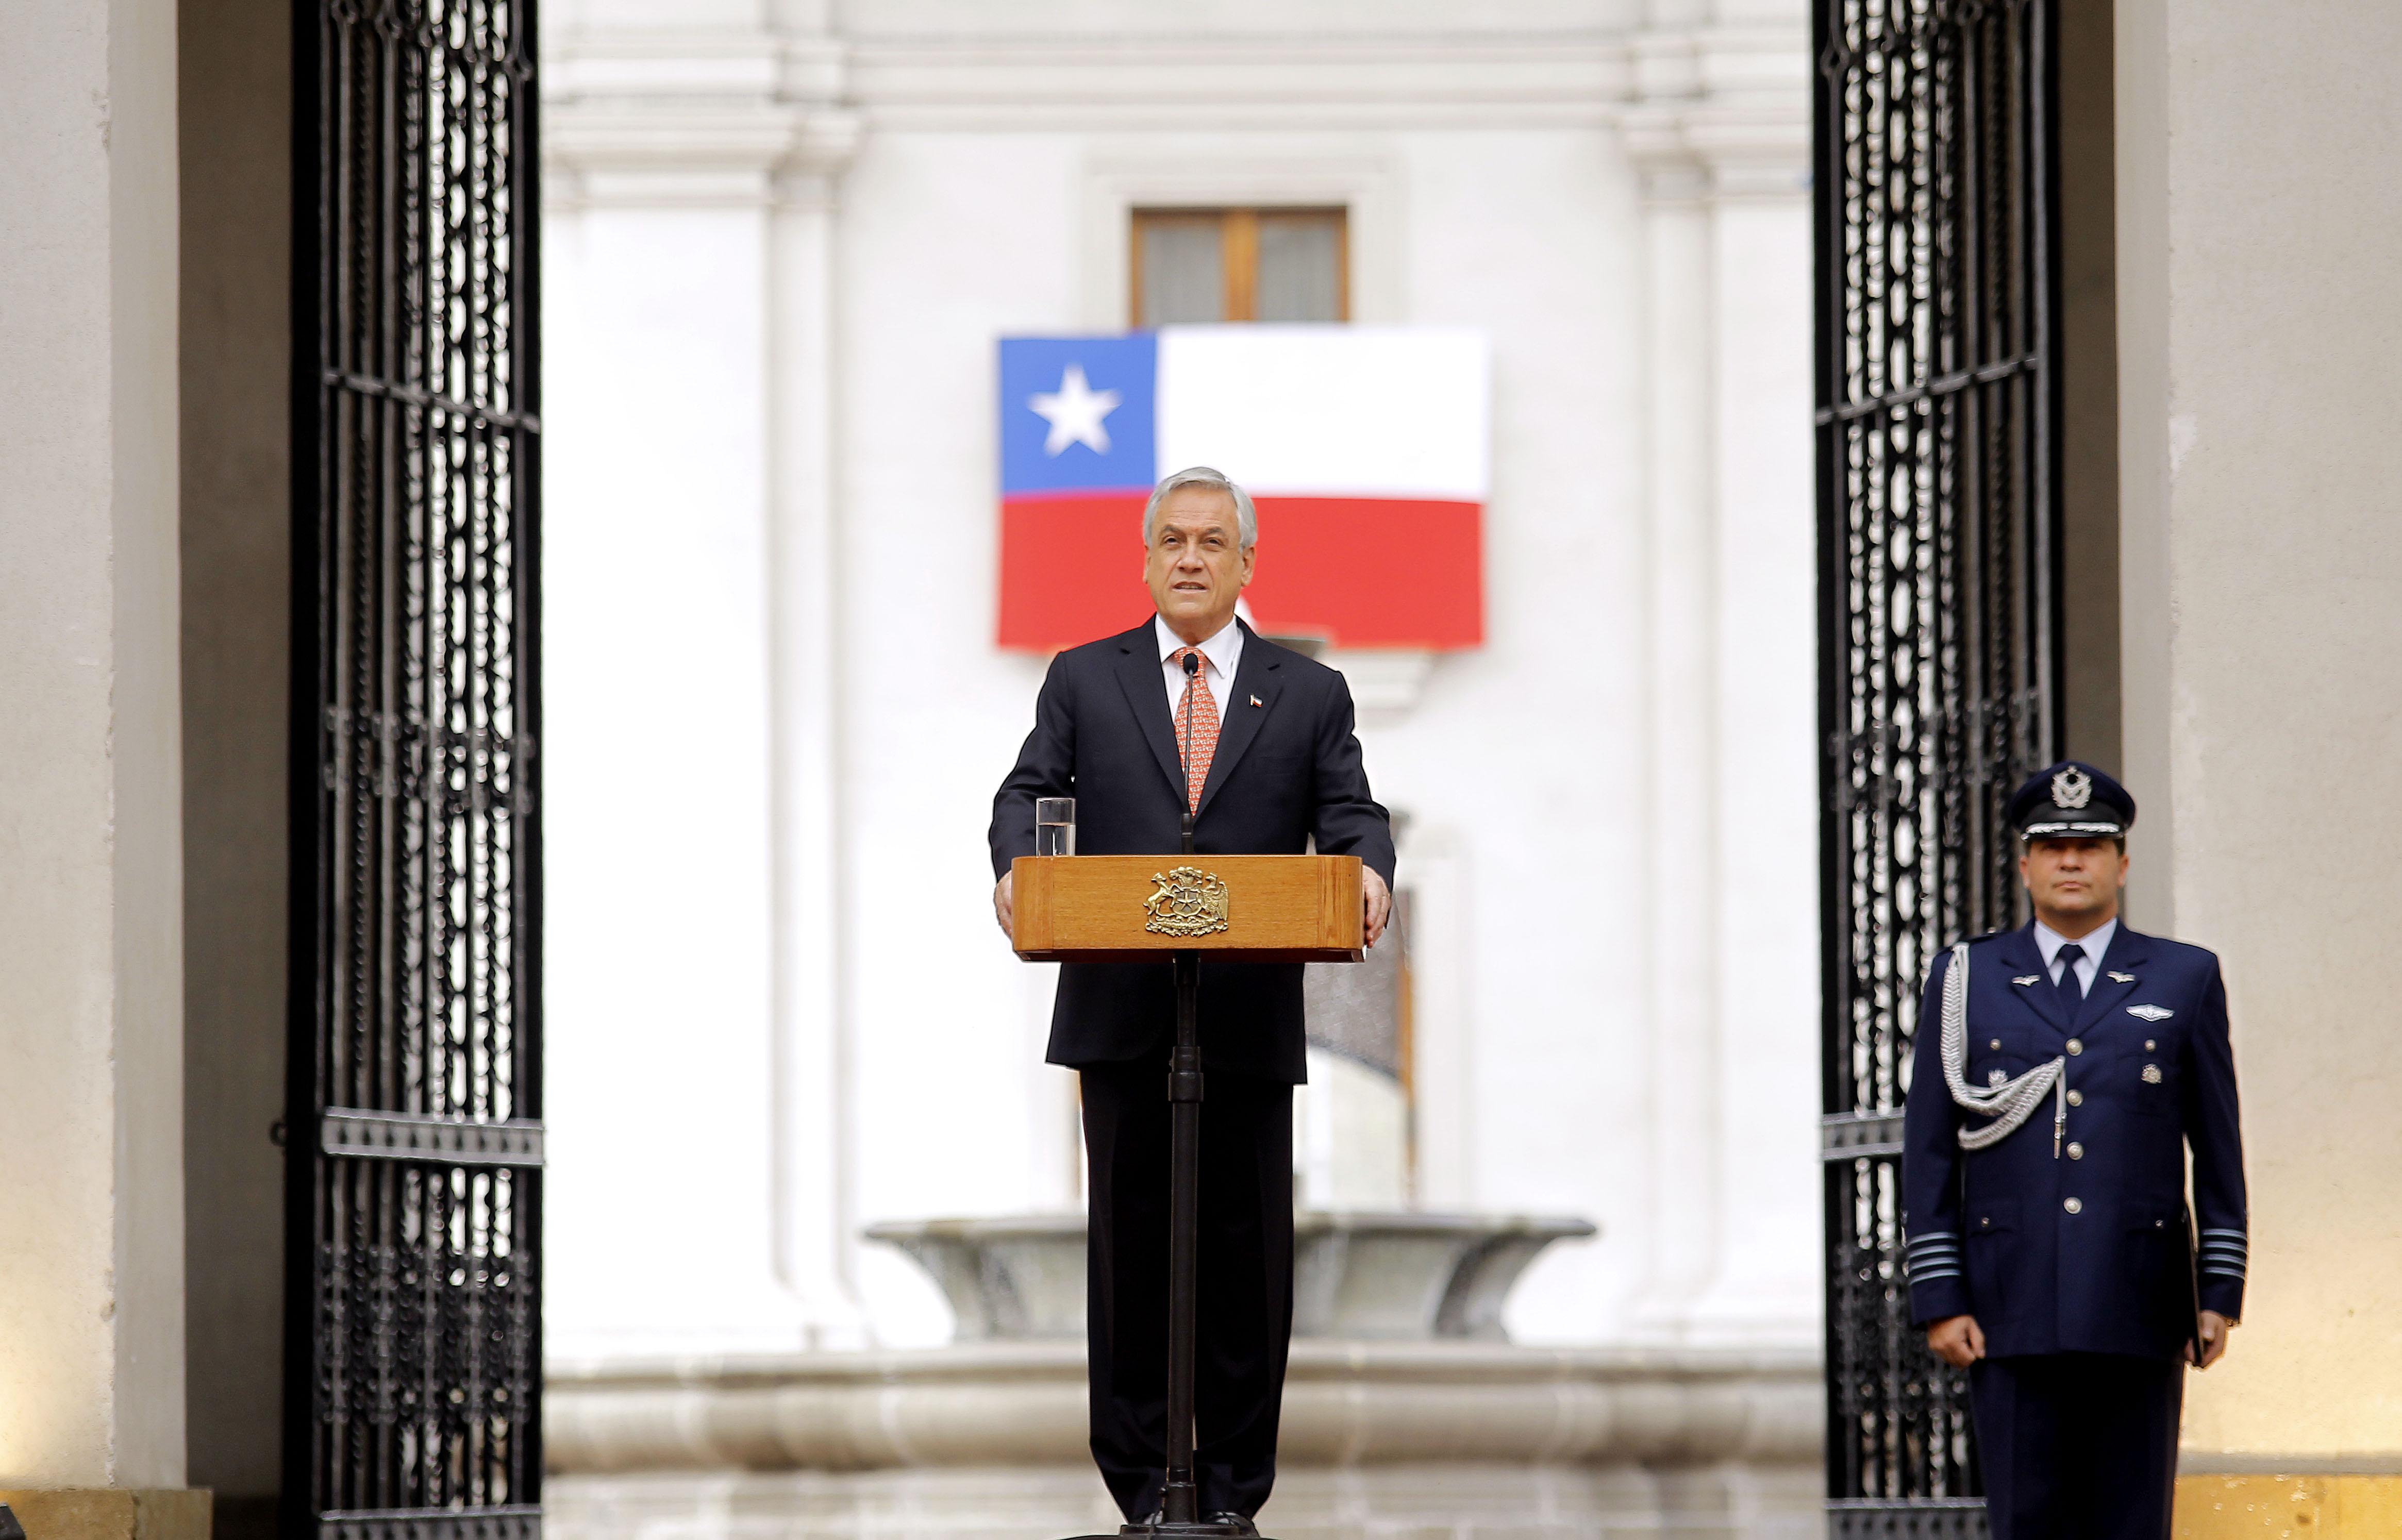 09 de Septiembre de 2013/SANTIAGO_. El Presidente de la República, Sebastián Piñera, emite su discurso durante el acto conmemorativo del Golpe Militar del 11 de septiembre de 1973 en el Palacio de La Moneda_. FOTO: PEDRO CERDA/AGENCIAUNO_.